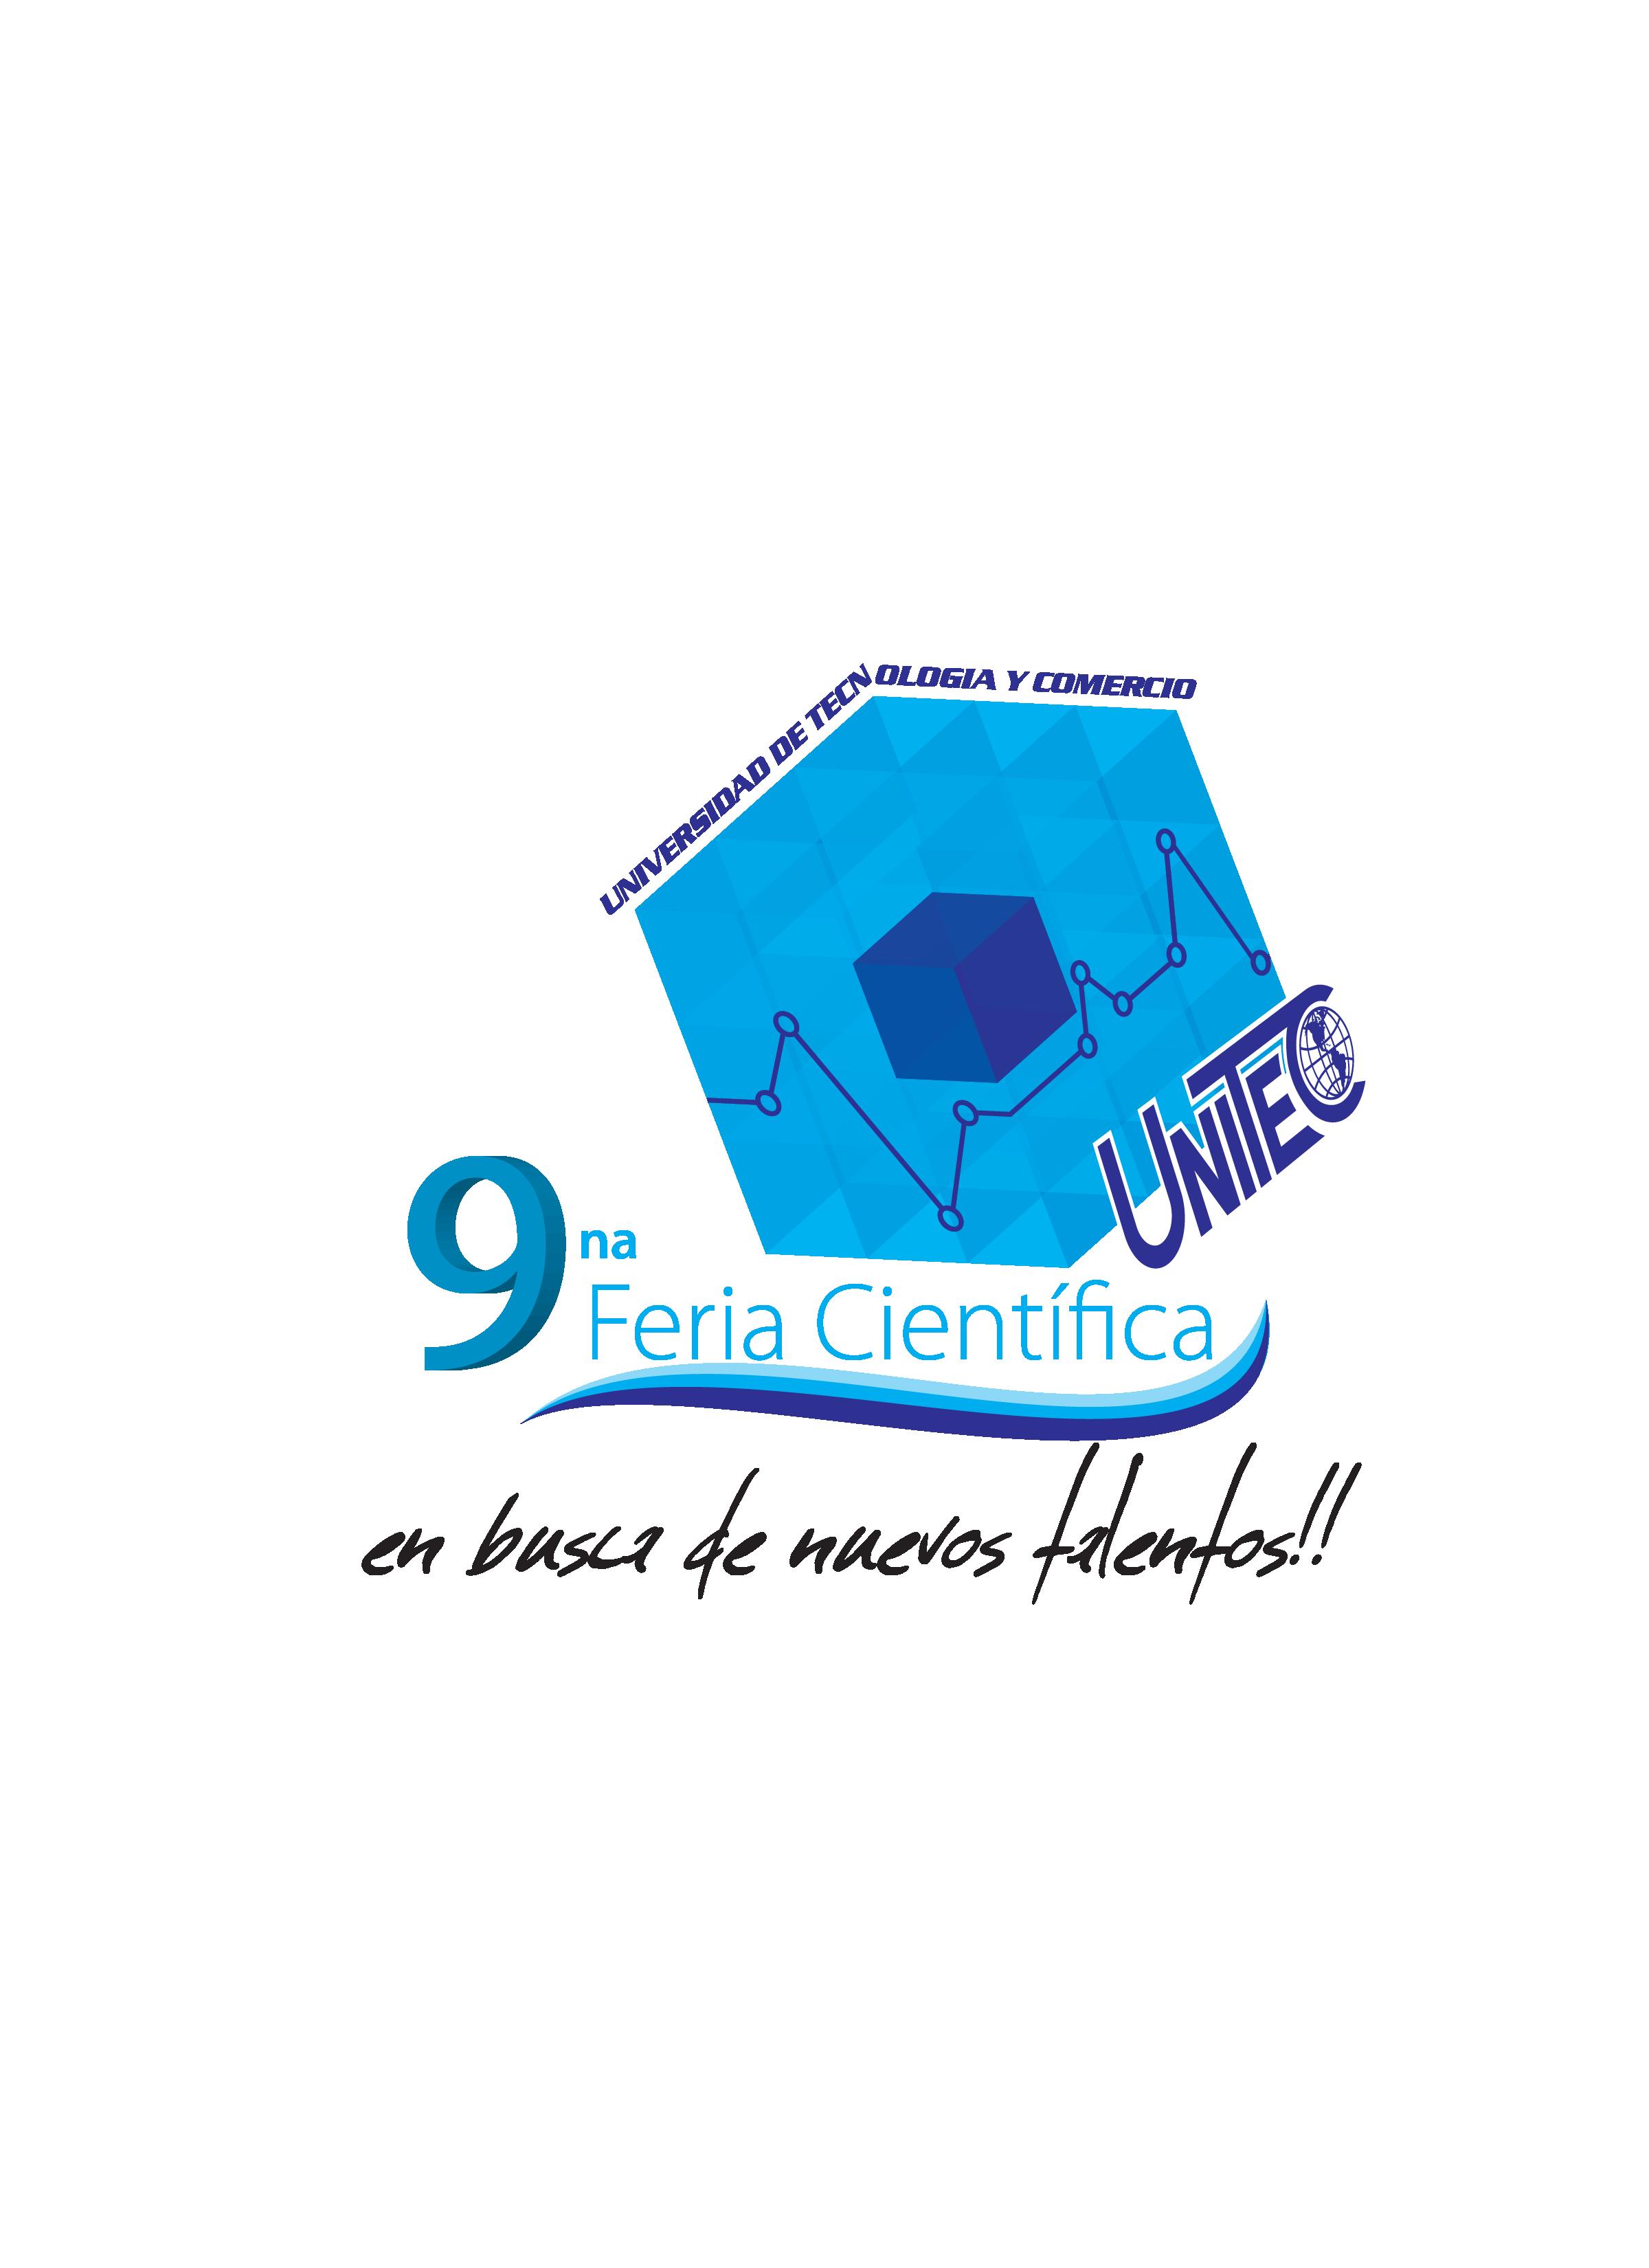 IX FERIA CIENTÍFICA UNITEC 2019 - ENTREGA DE PROYECTOS